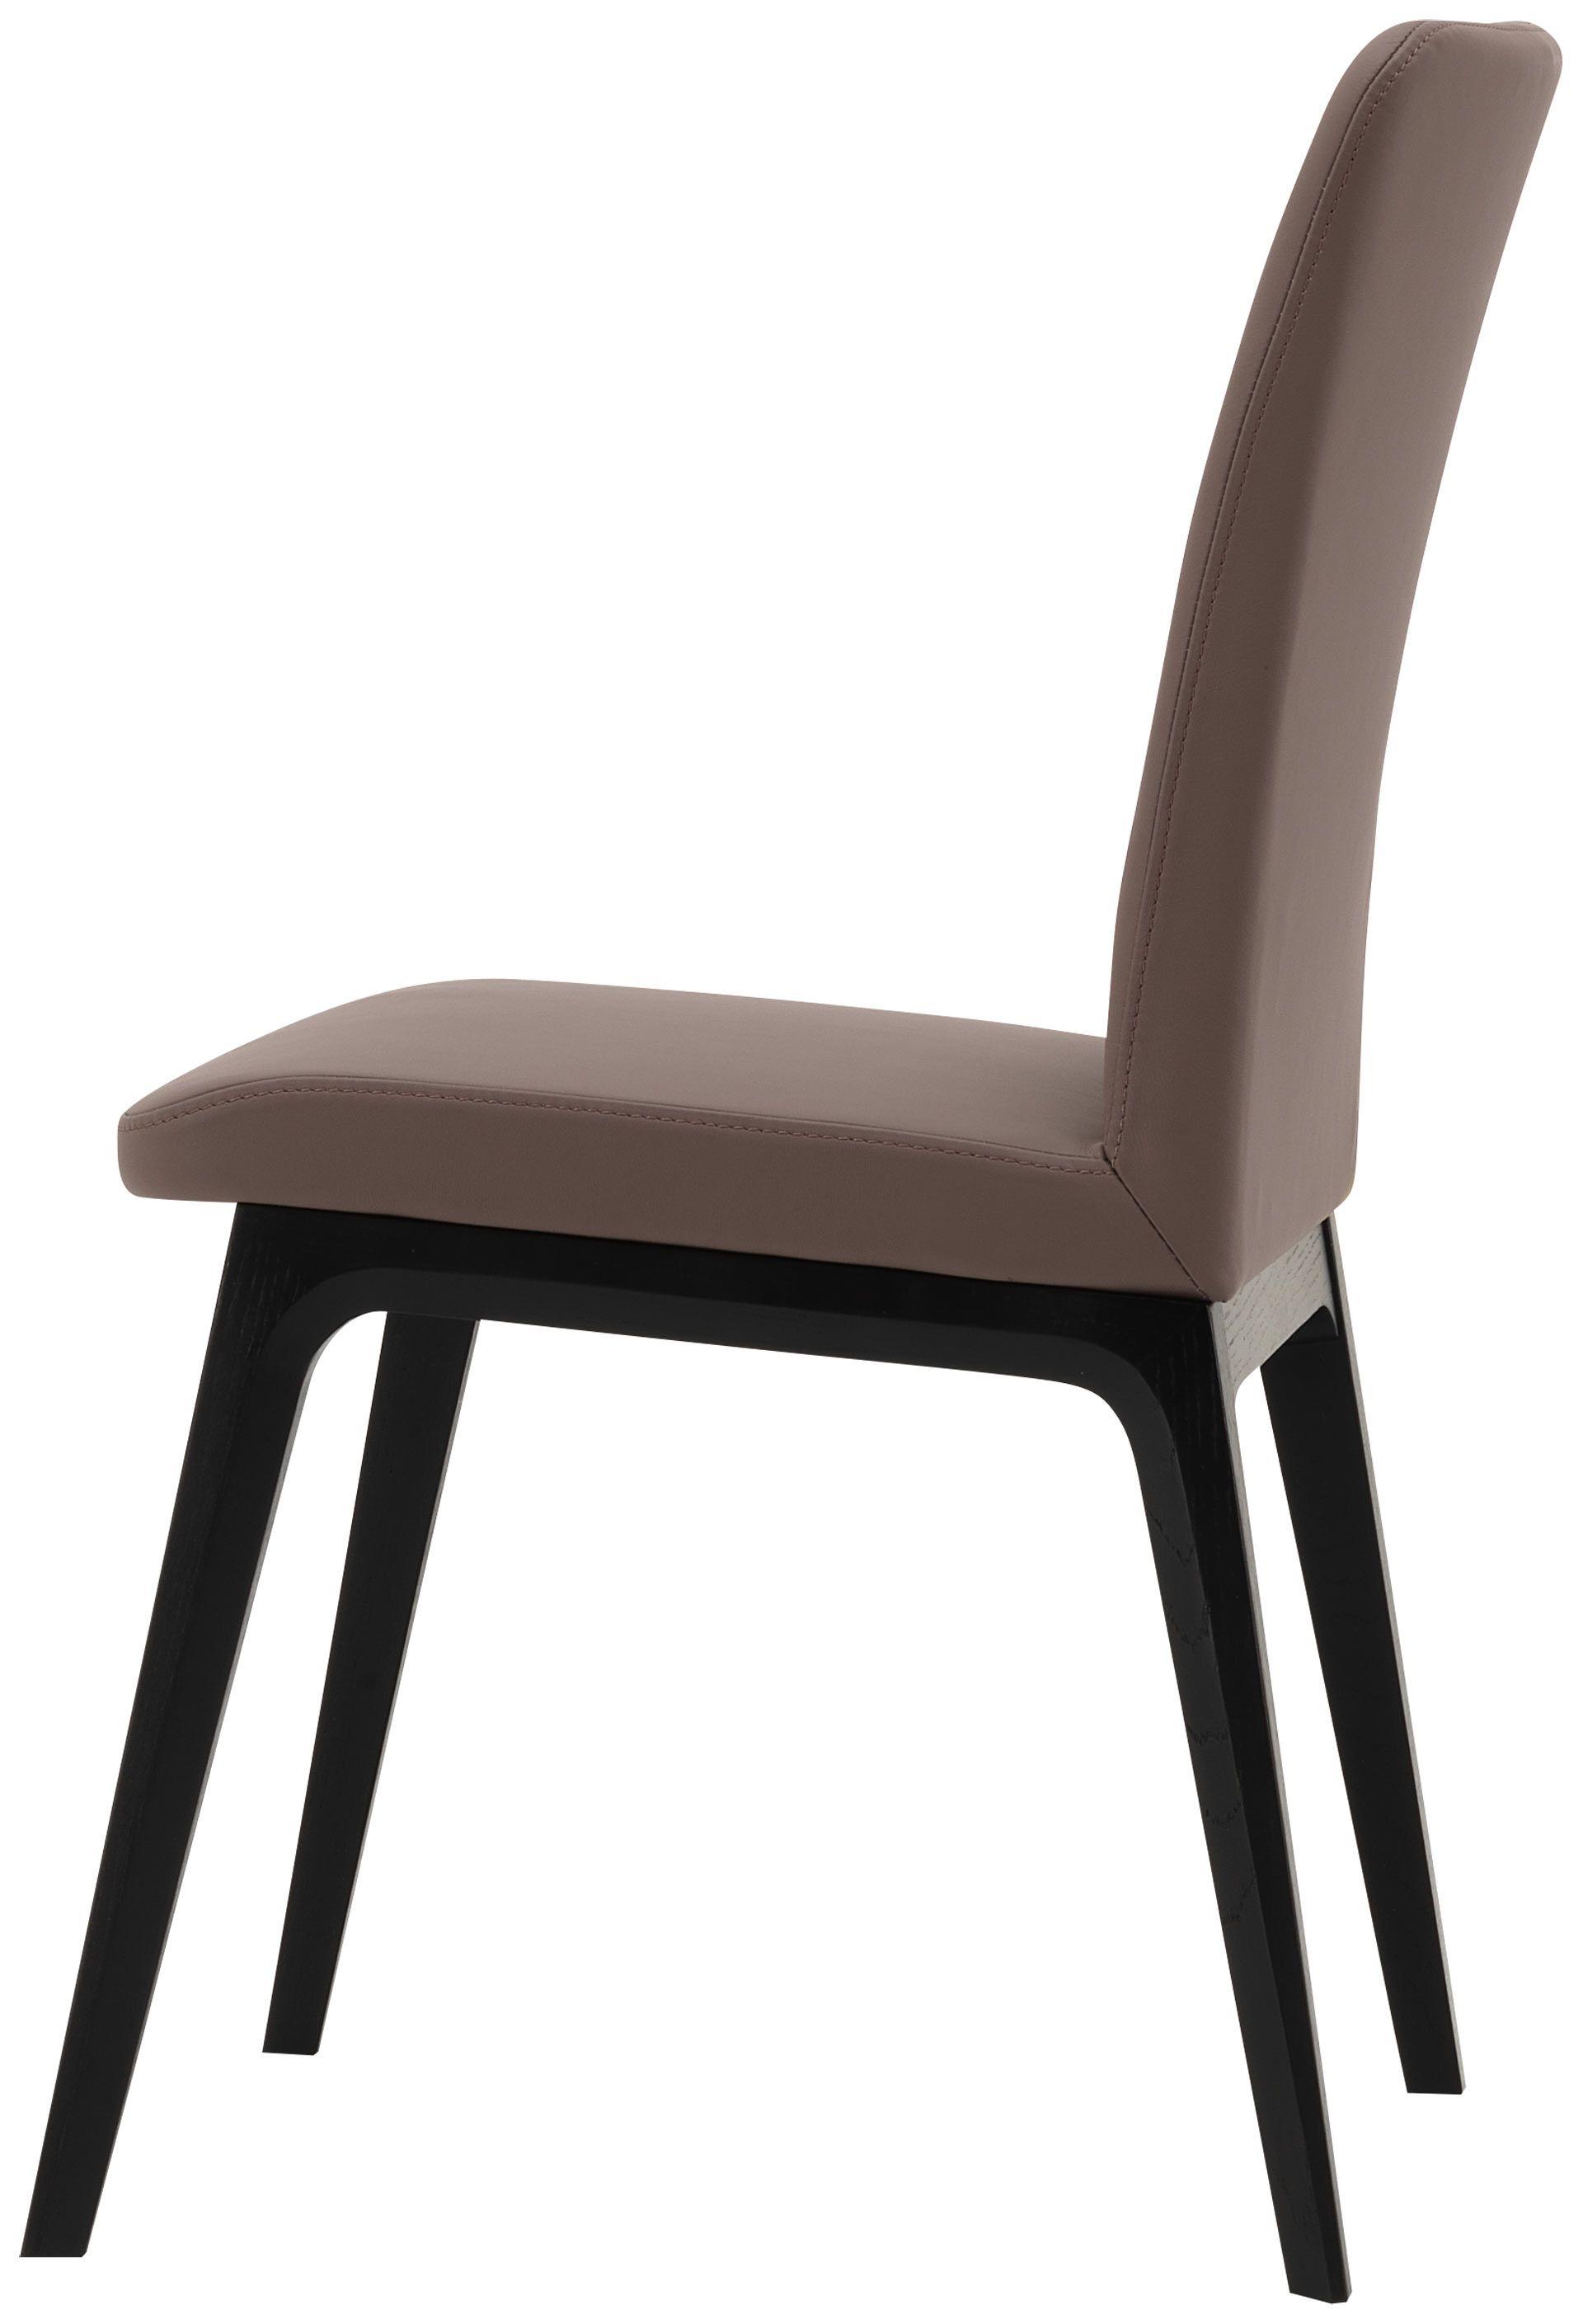 Sillas de comedor modernas calidad de boconcept furniture pinterest comedores - Sillas isabelinas modernas ...